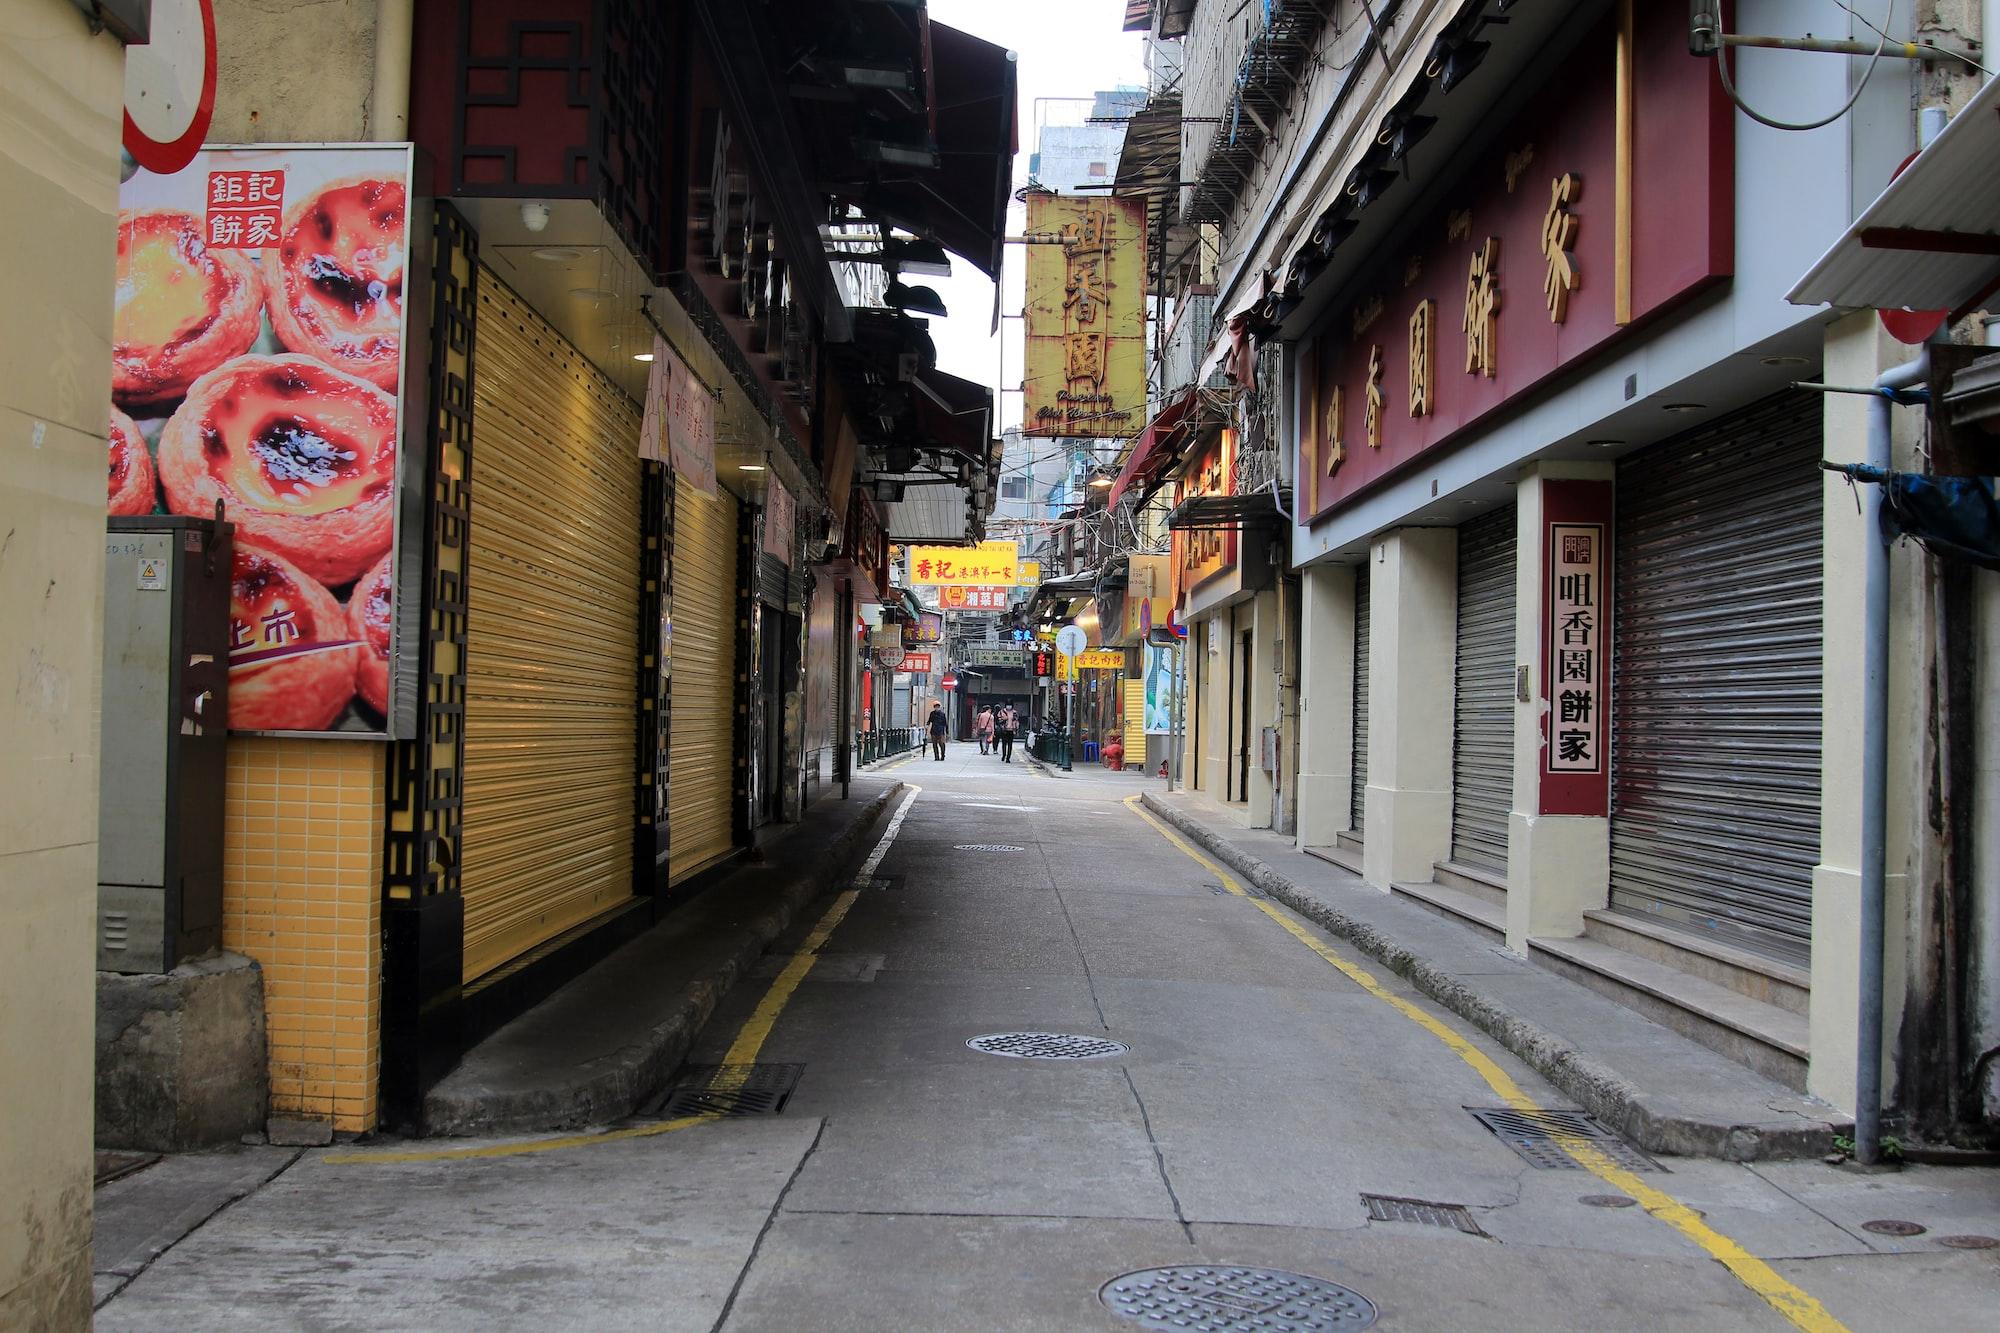 O uso de dados imobiliários é usado em decisões sobre abertura de novas filiais. Photo by Macau Photo Agency / Unsplash